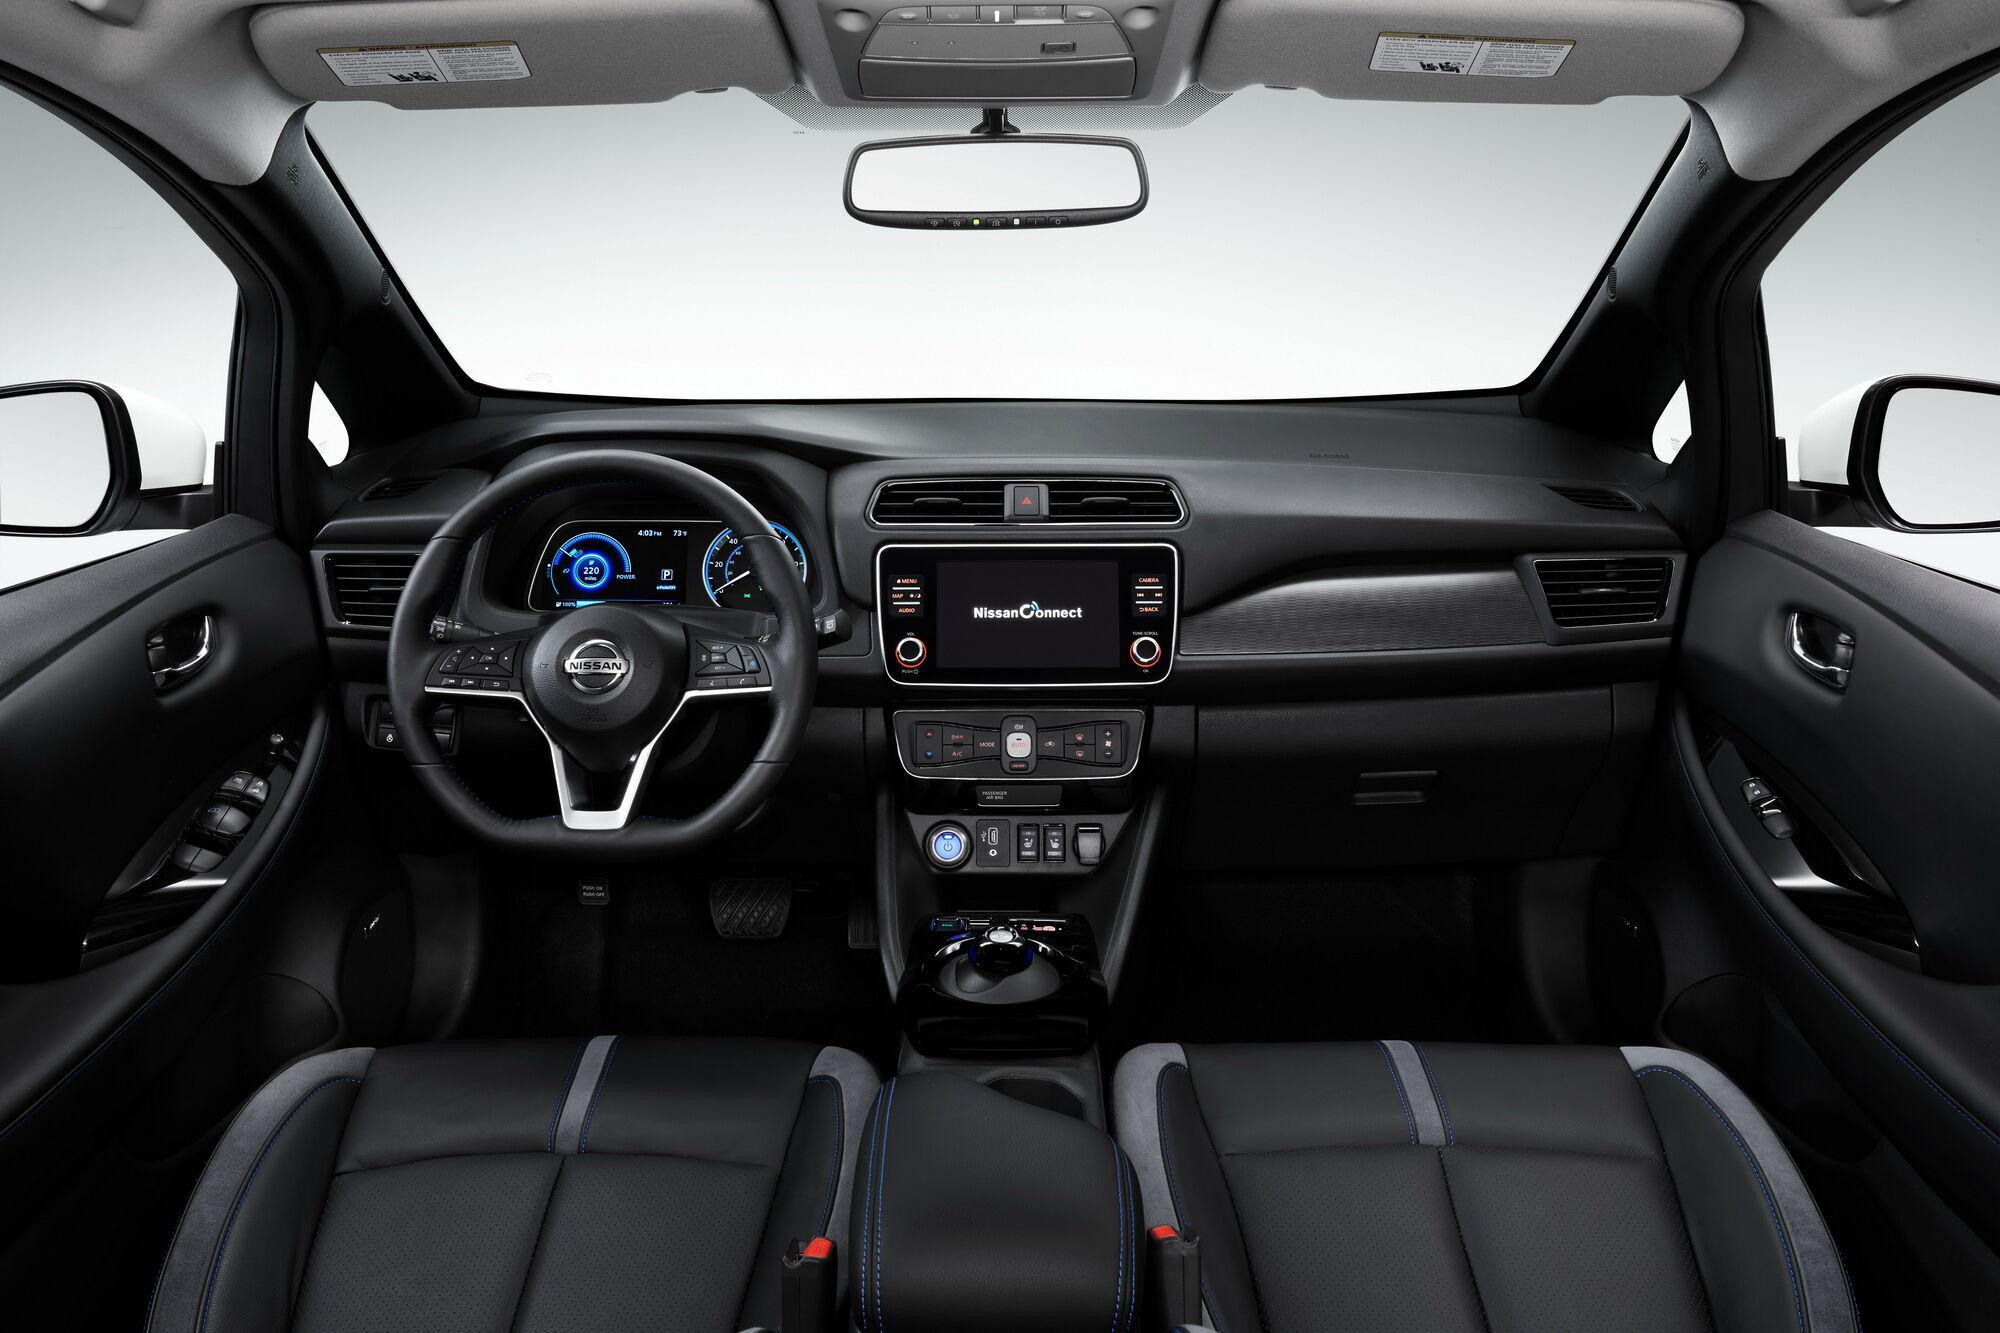 Мультимедійна система NissanConnect з 8-дюймовим сенсорним екраном підтримує Apple Car Play та Android Auto